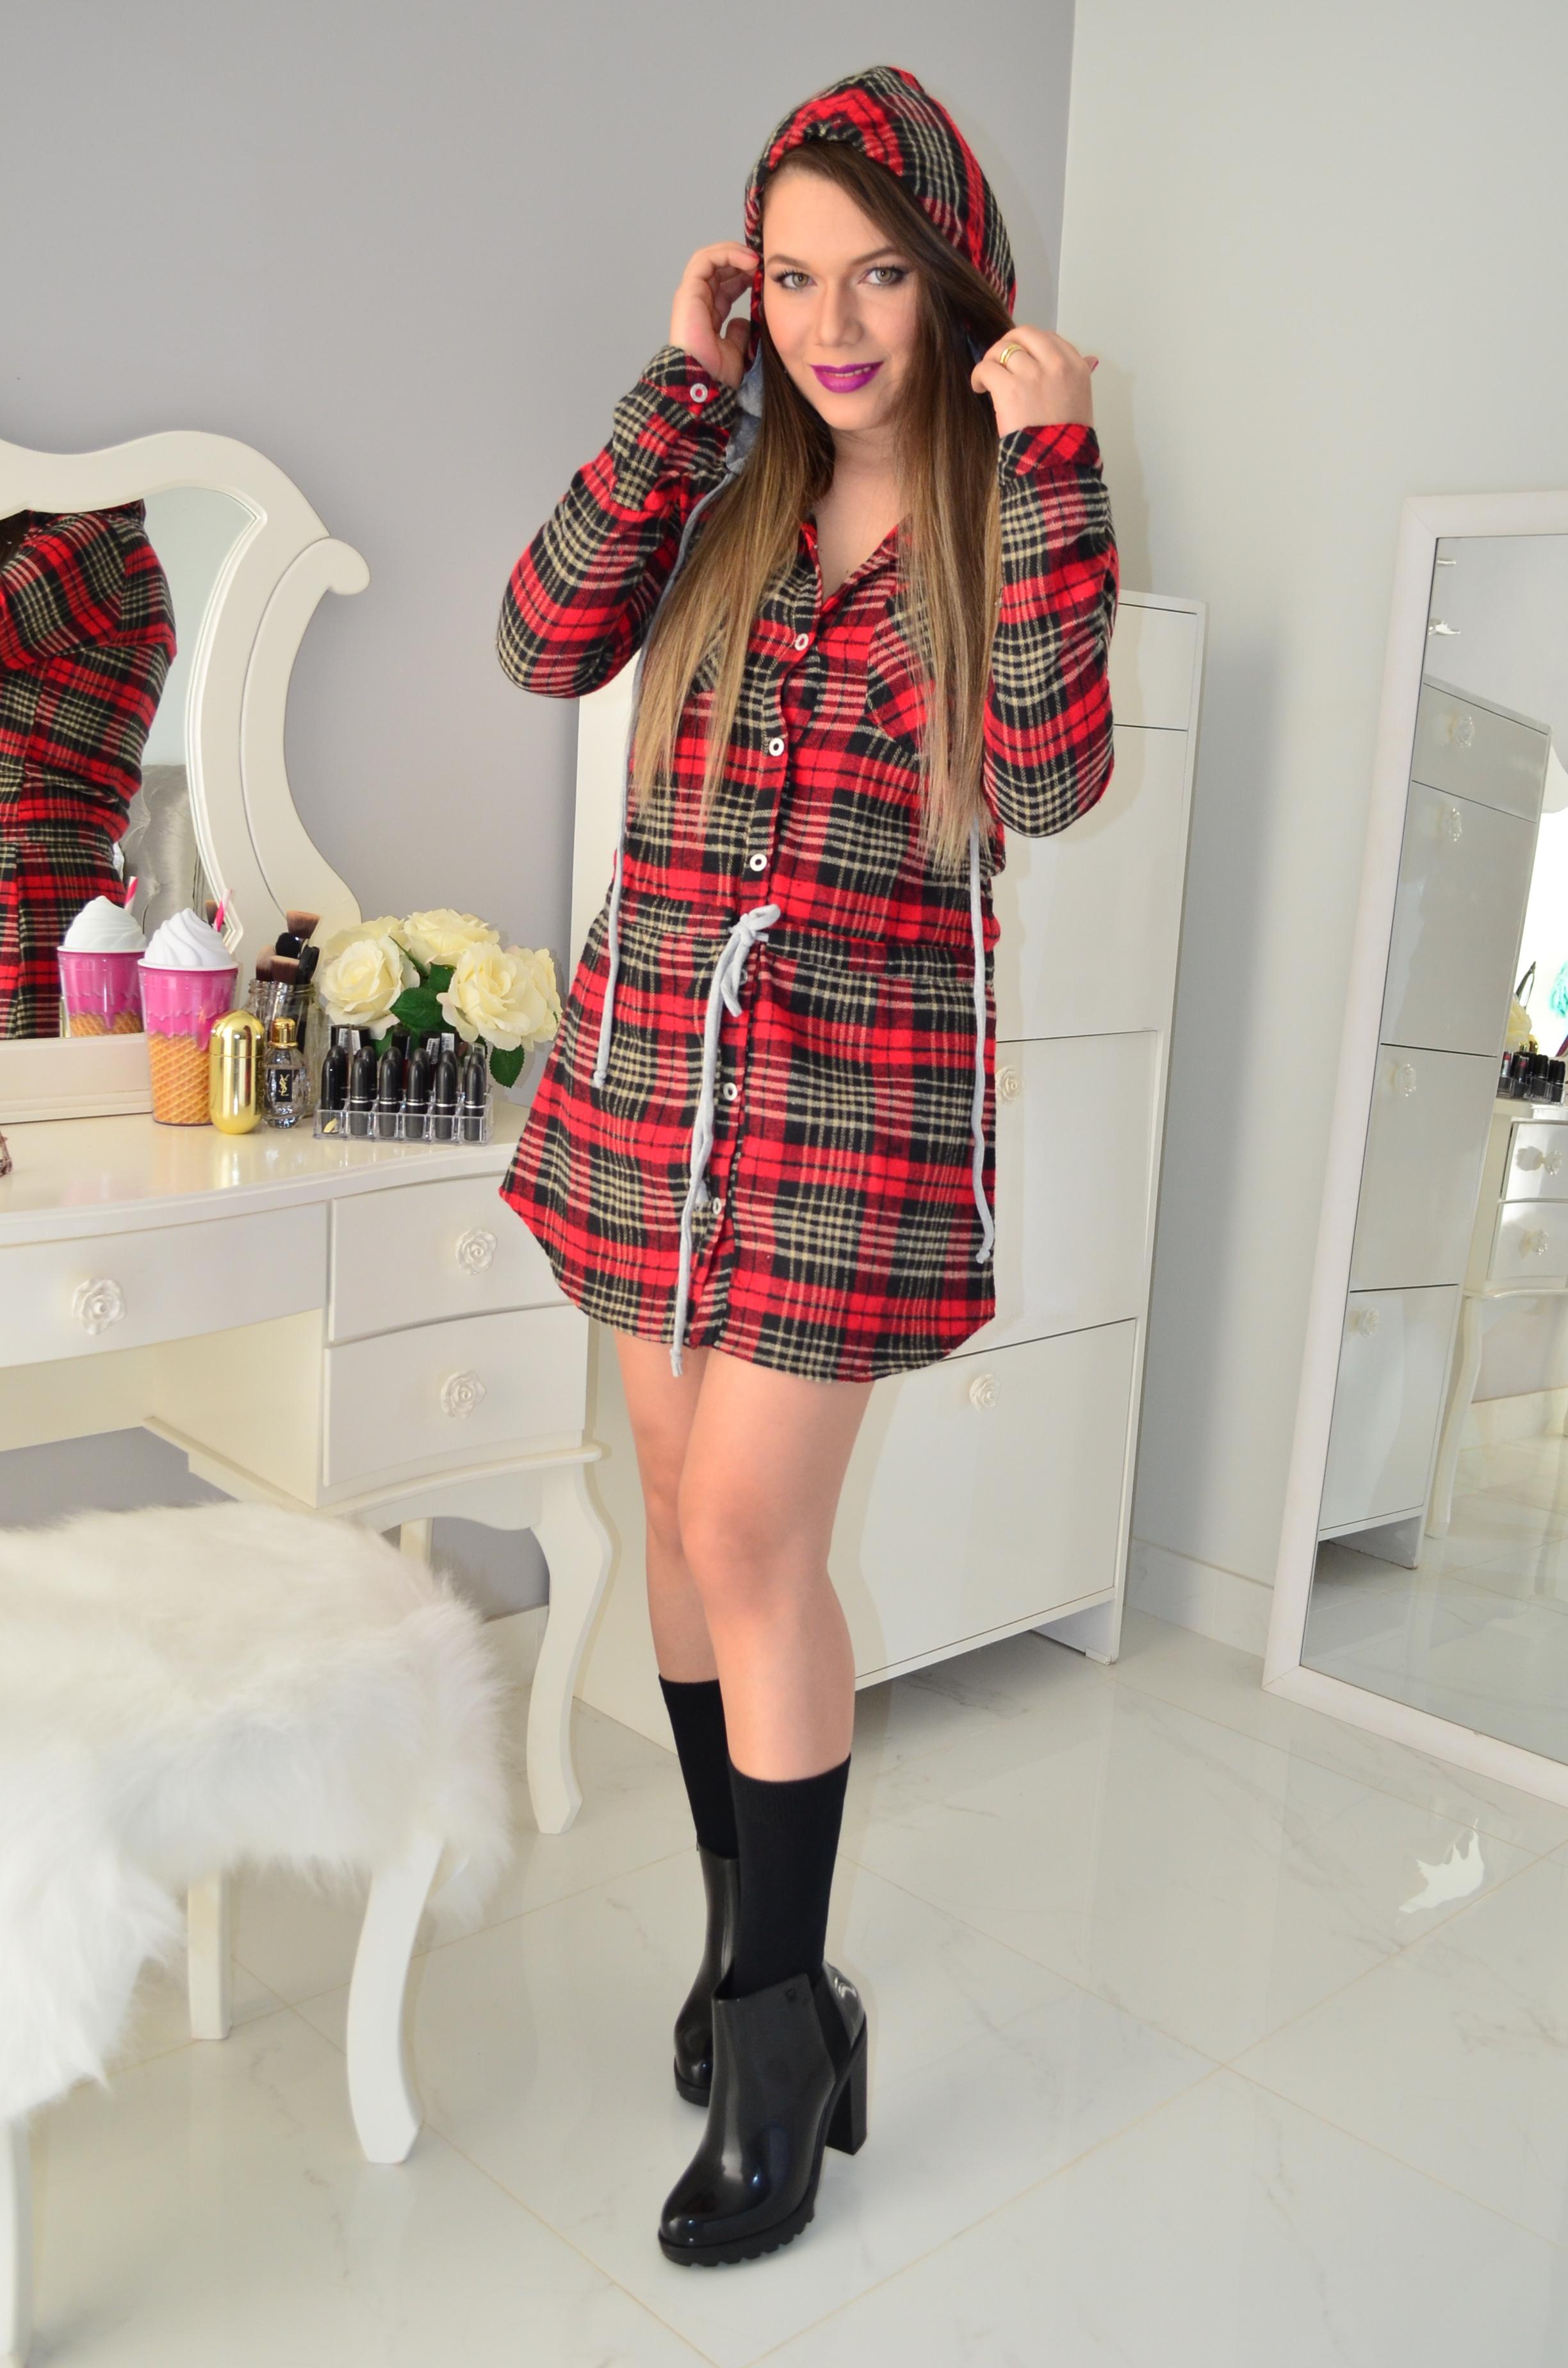 vestido xadrez e bota melissa12